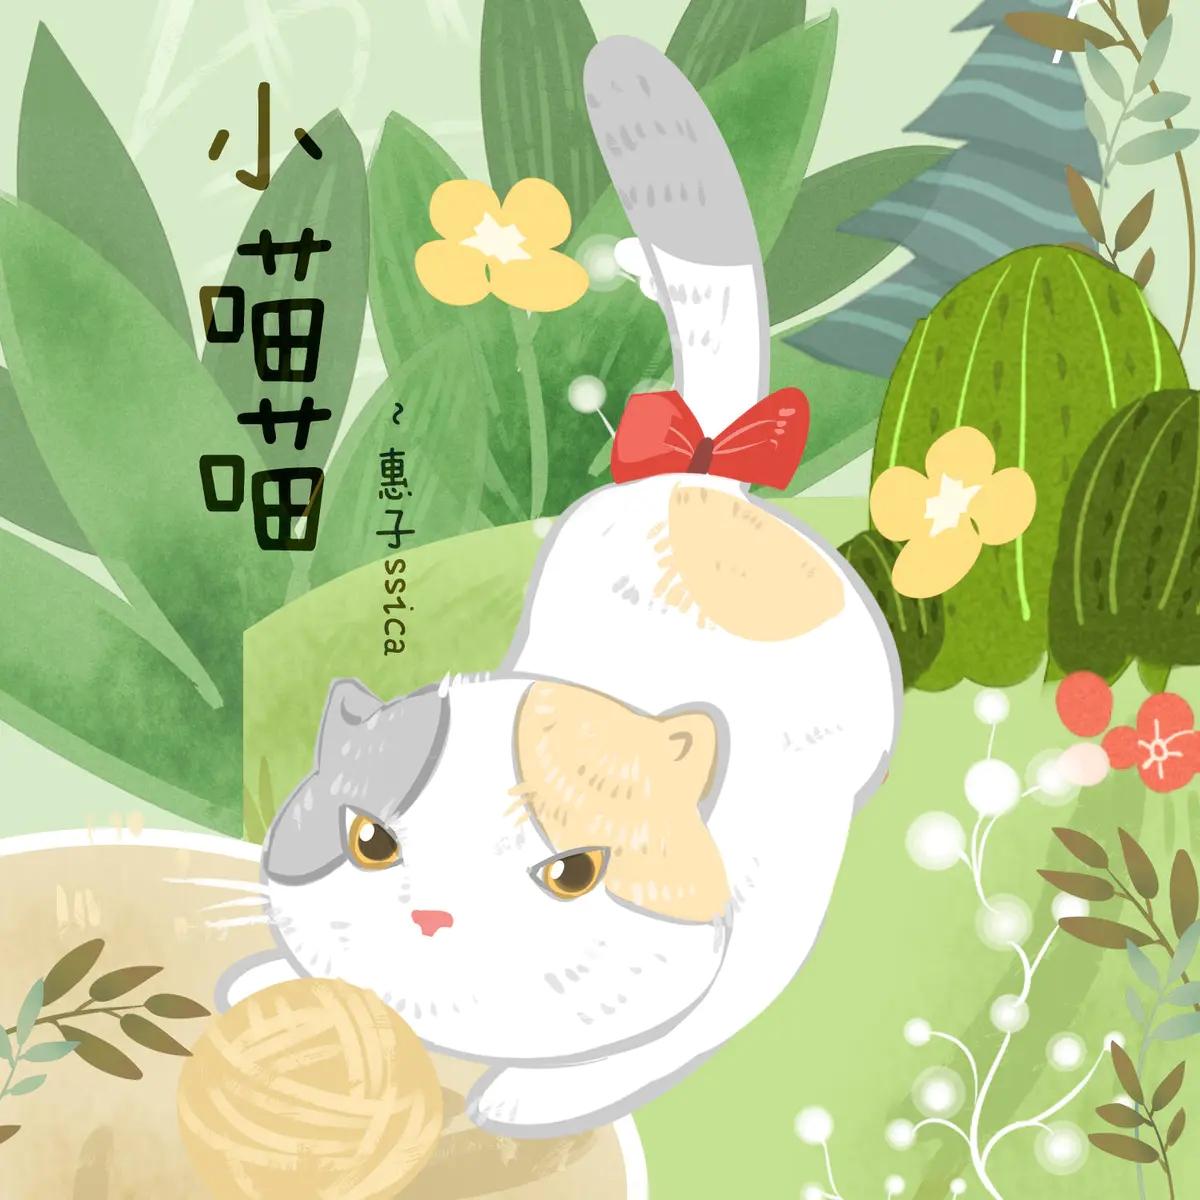 惠子sscia发行了酷似儿歌的歌曲《小喵喵》